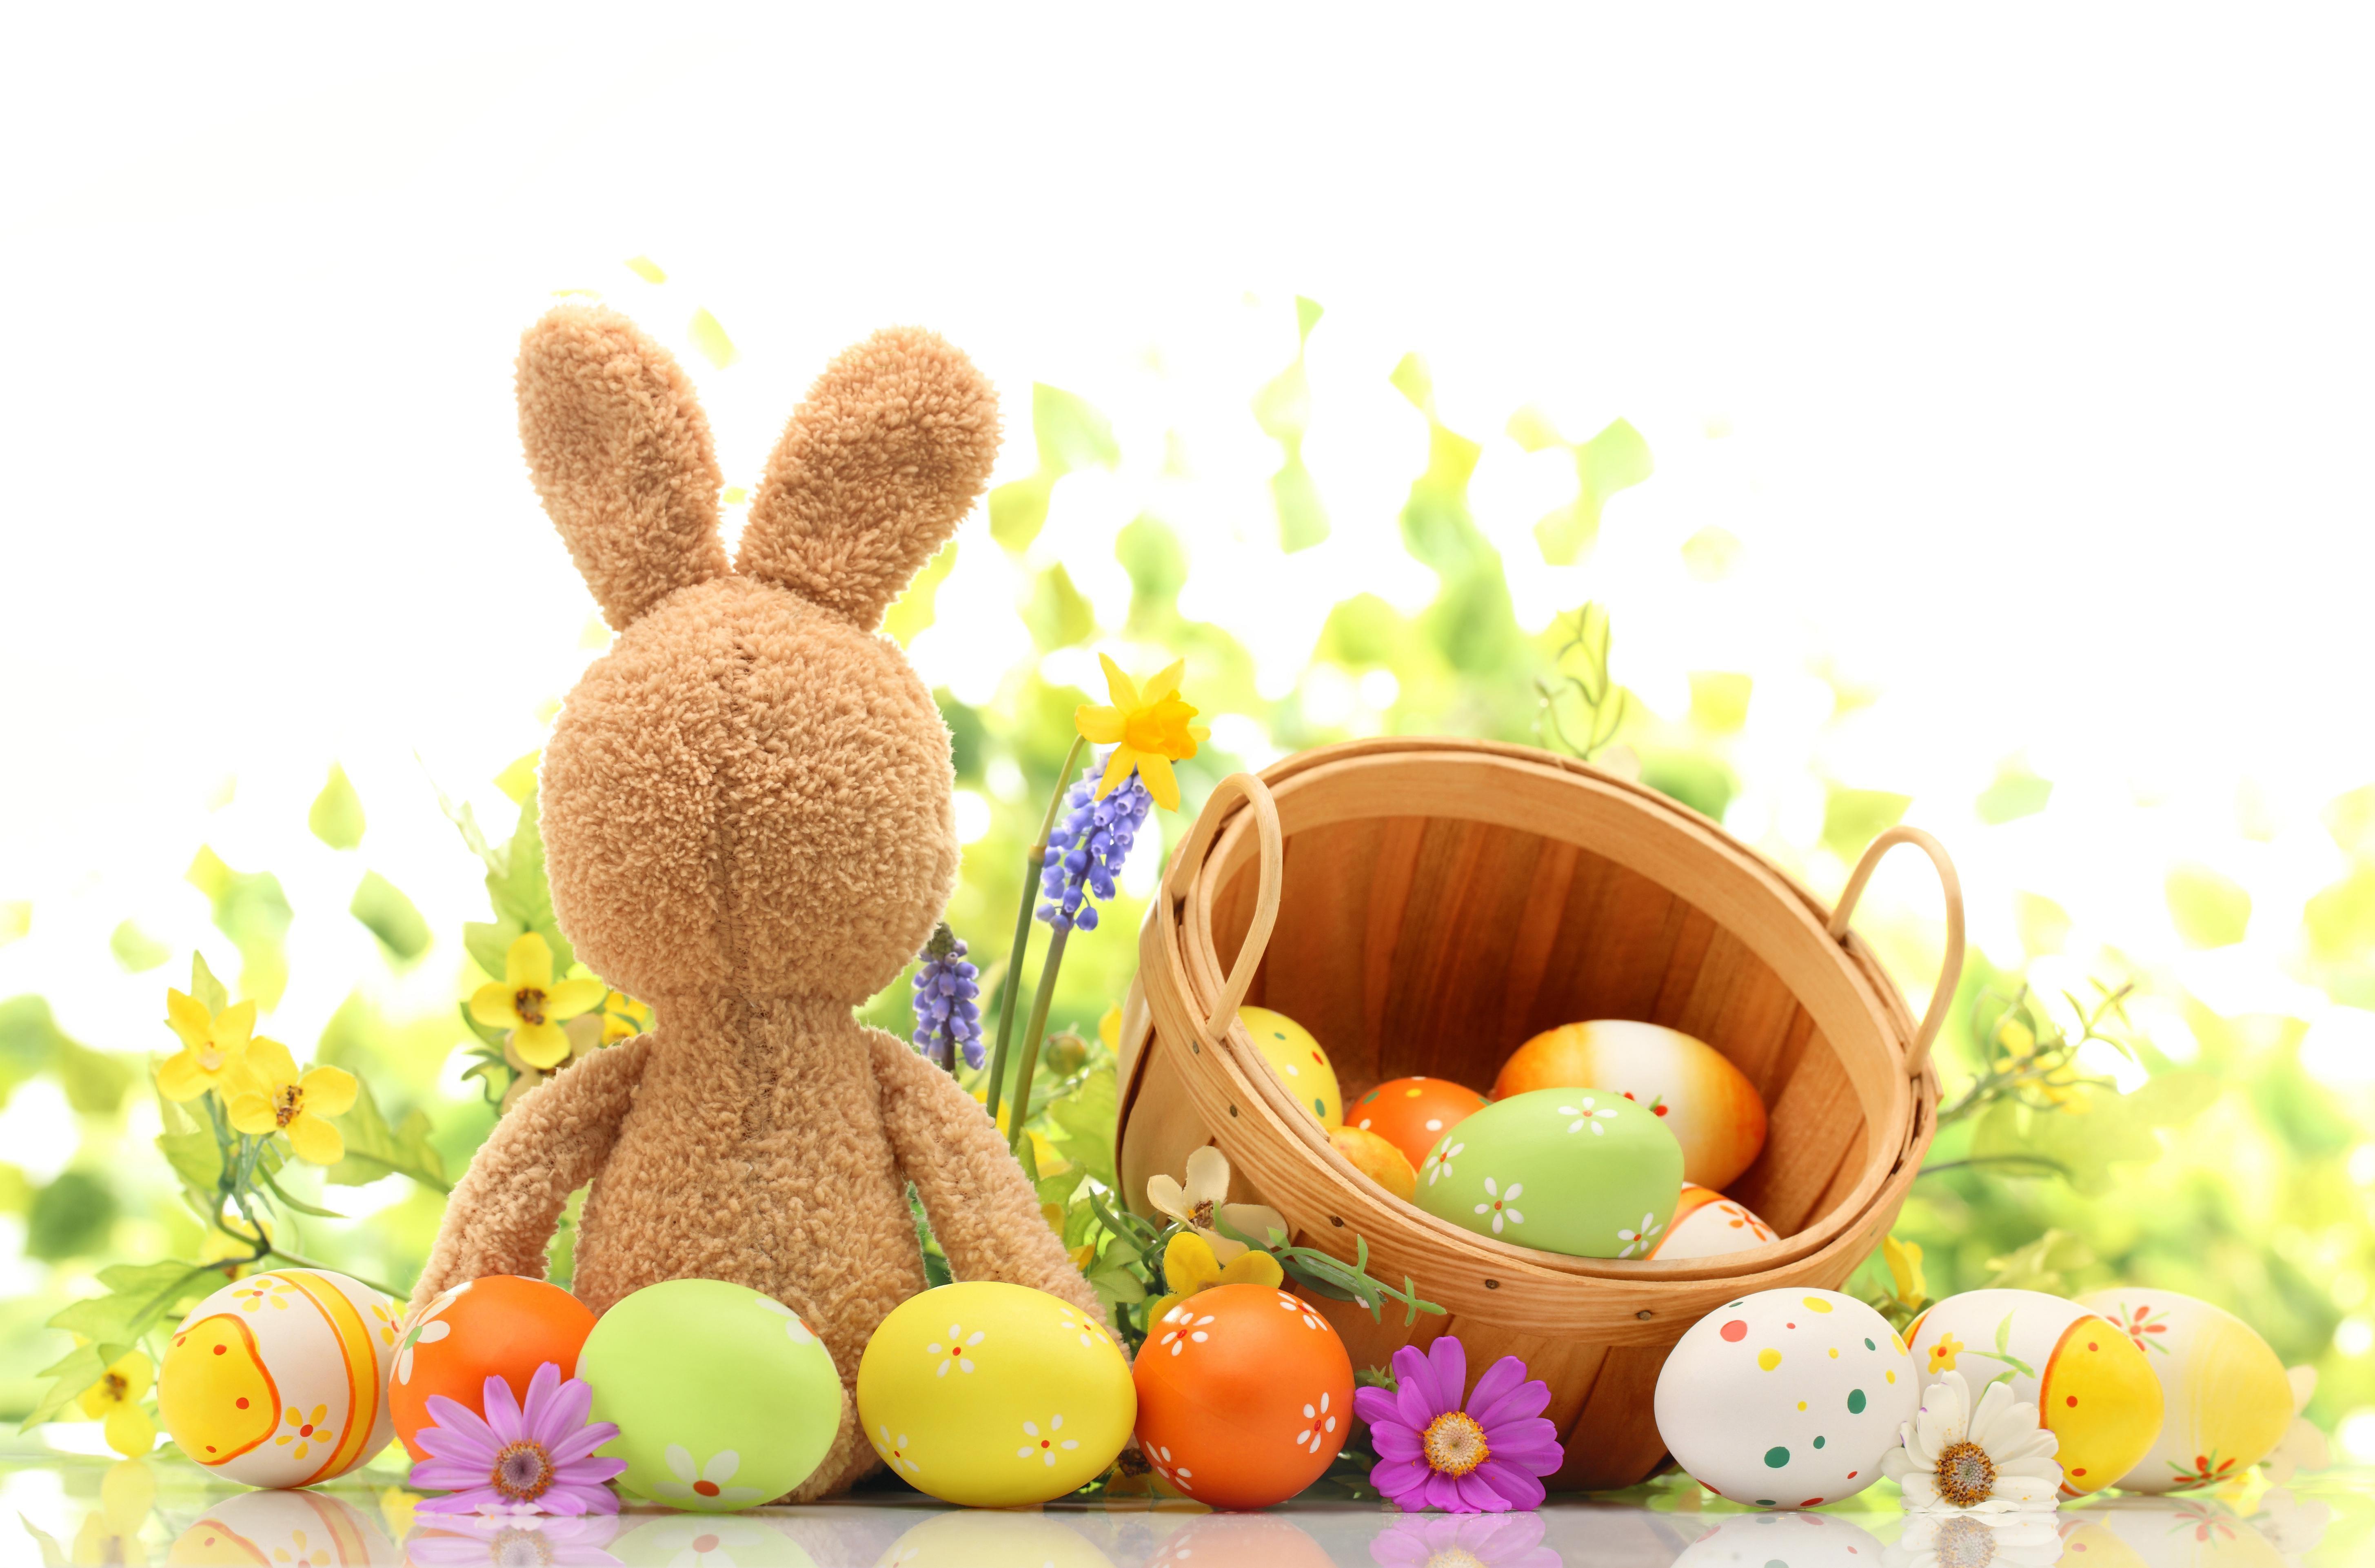 Easter Wallpapers High Resolution U5781QM WallpapersExpertcom 5820x3843